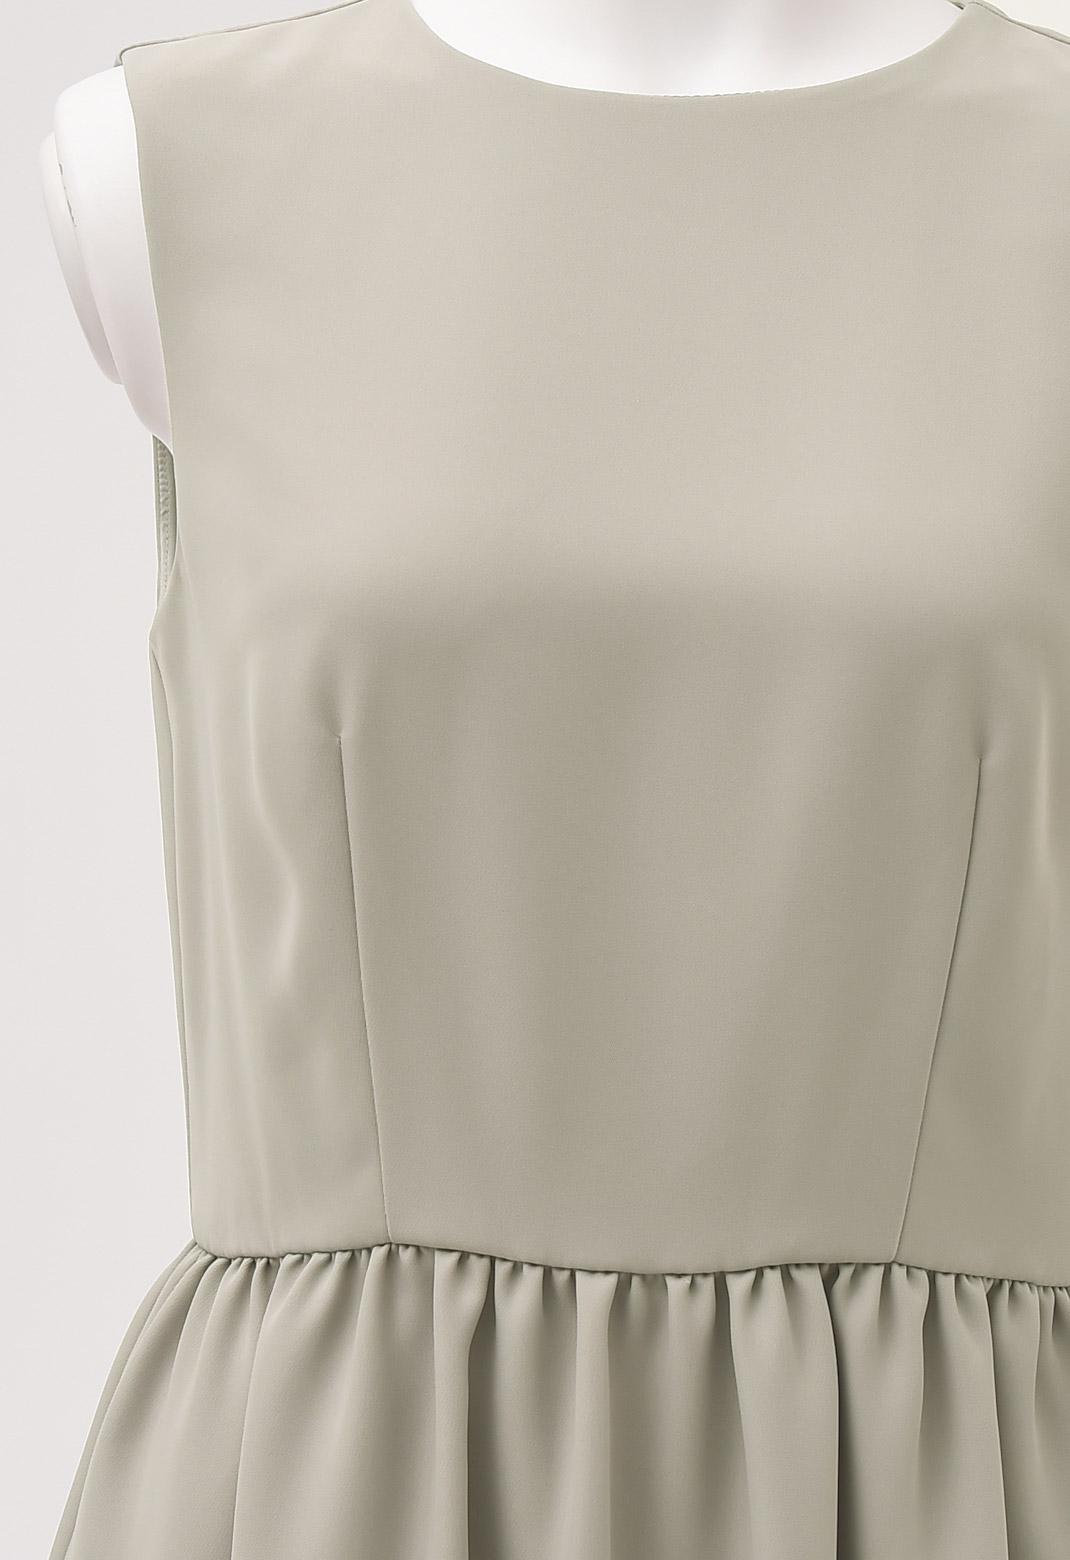 ノースリーブ ギャザー ドレス